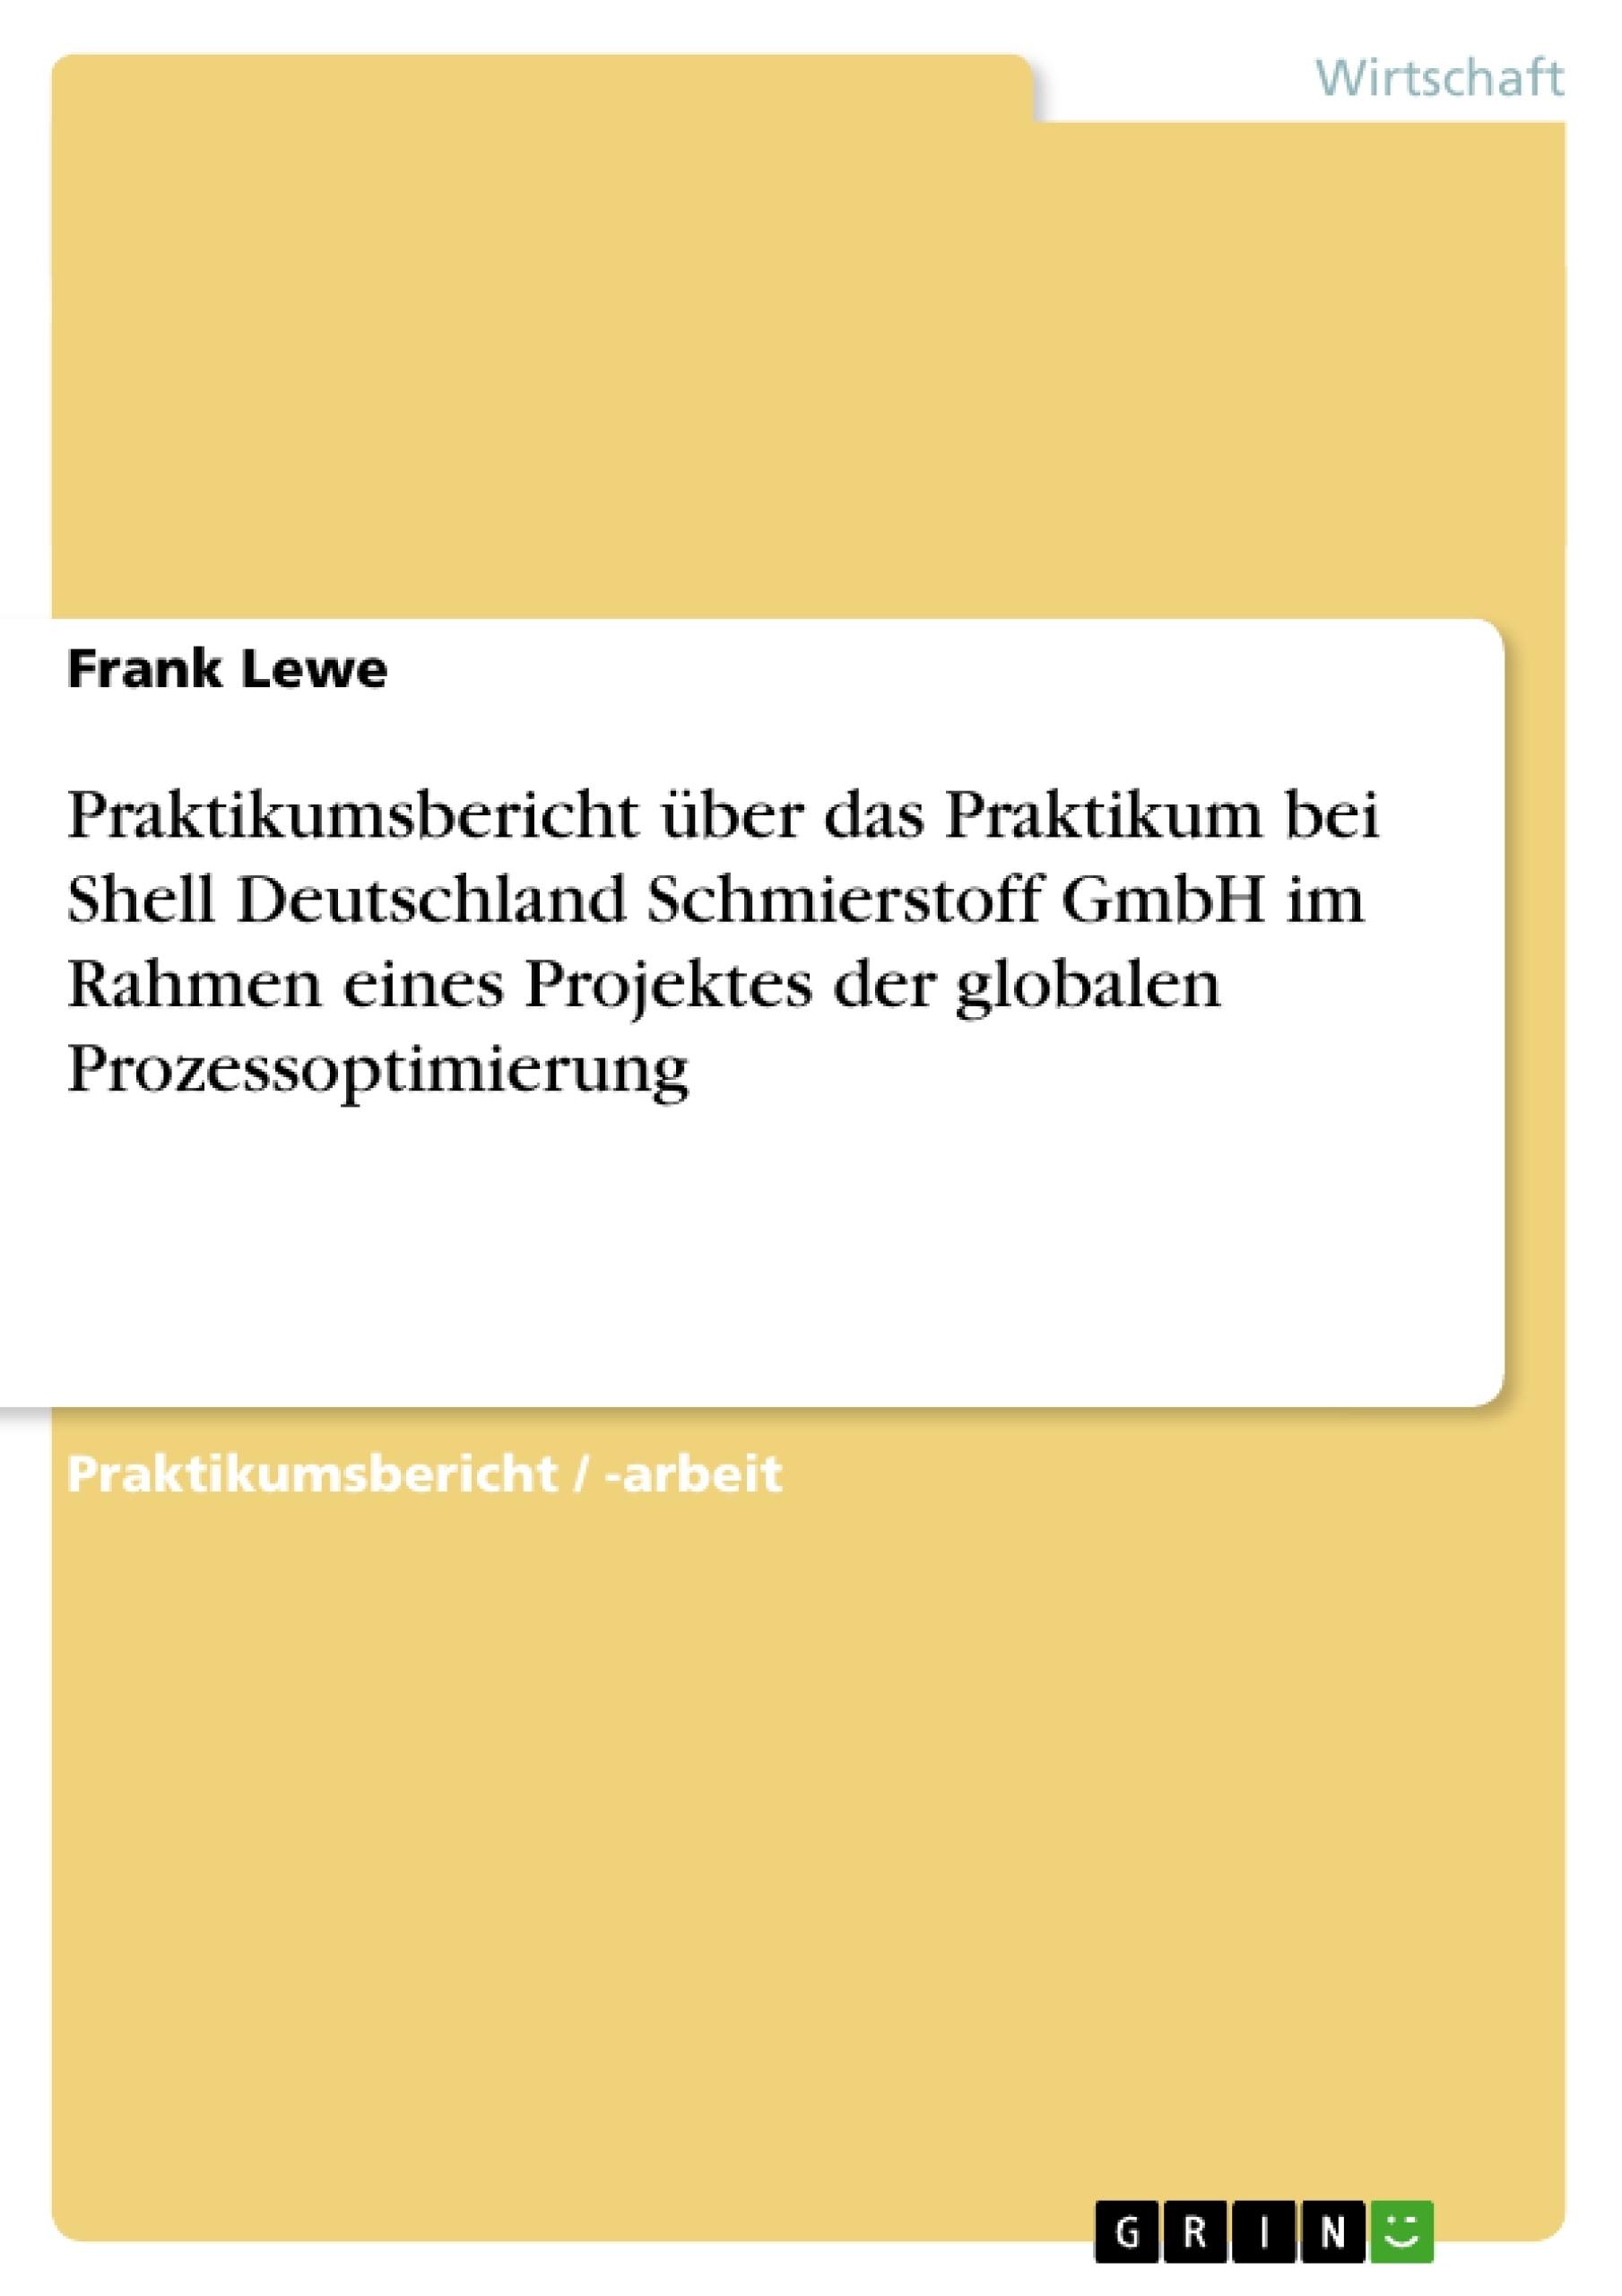 Titel: Praktikumsbericht über das Praktikum bei Shell Deutschland Schmierstoff GmbH im Rahmen eines Projektes der globalen Prozessoptimierung